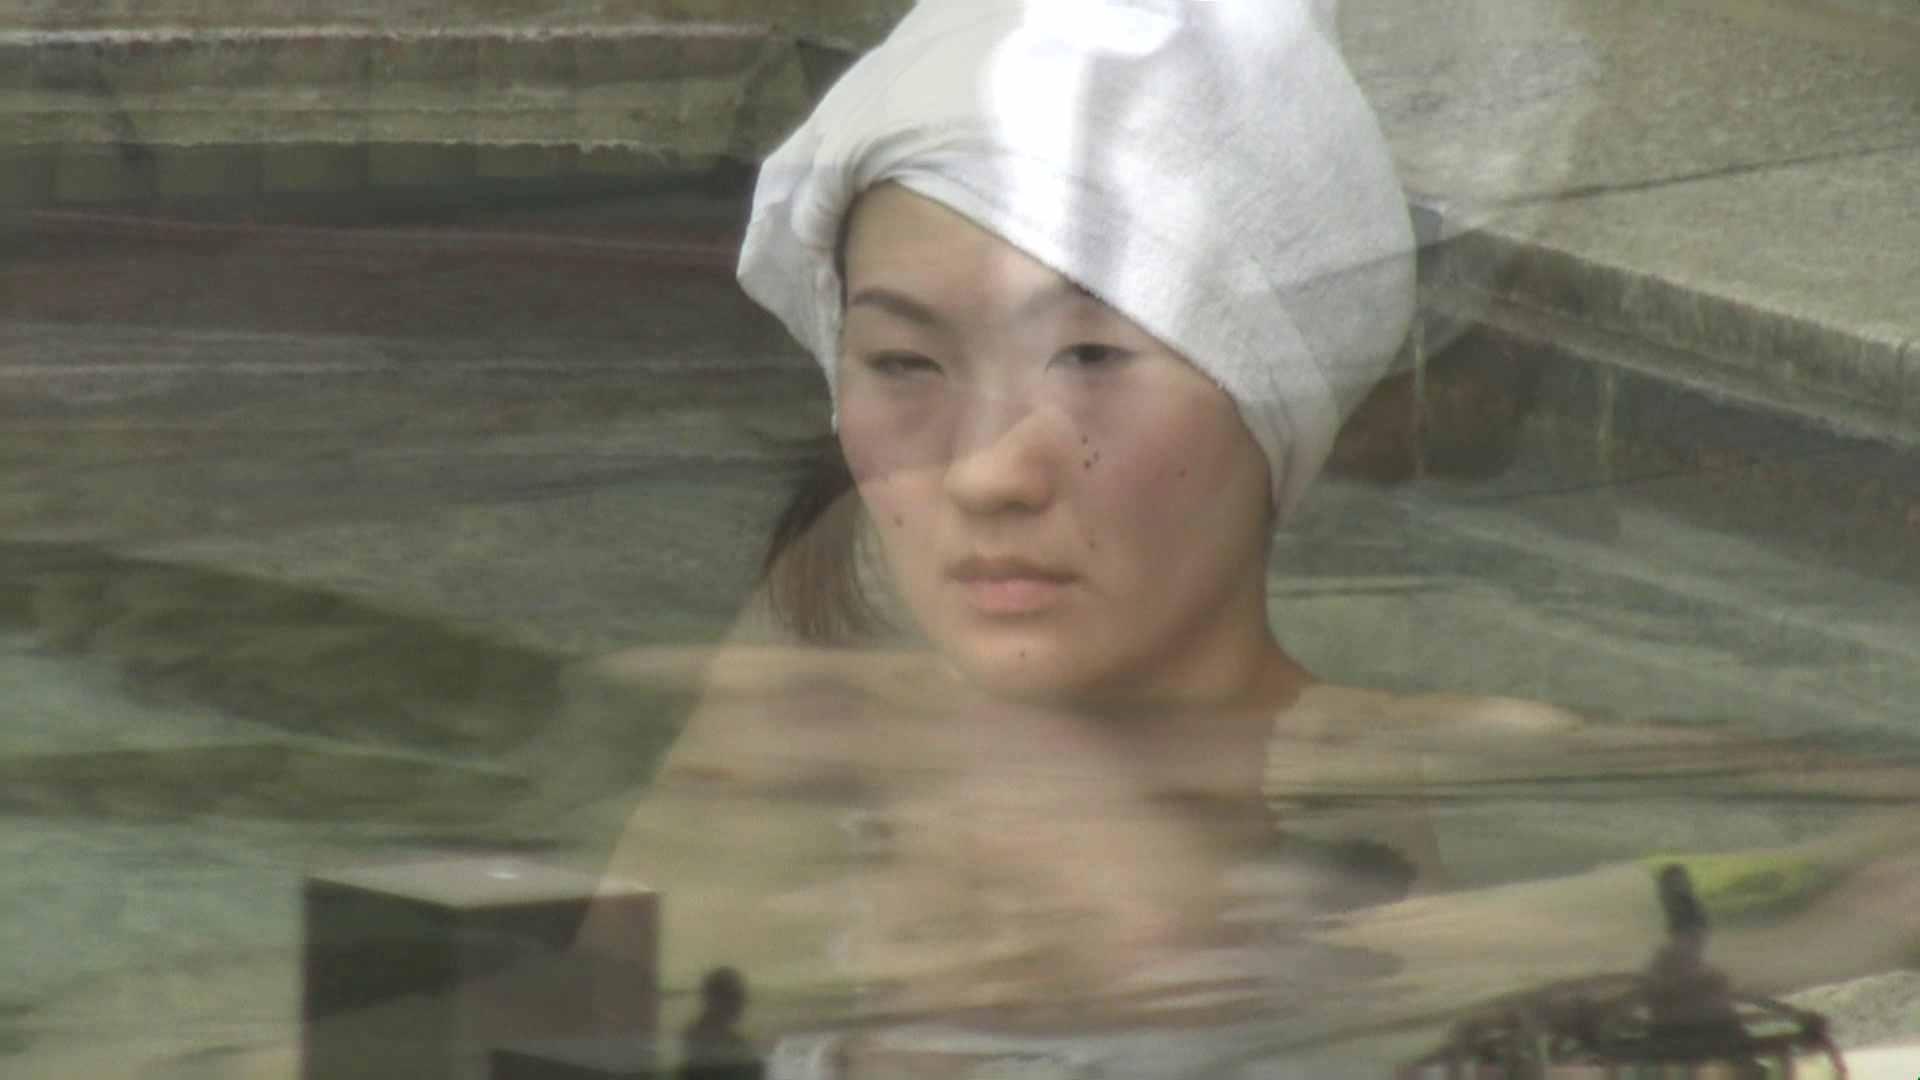 高画質露天女風呂観察 vol.034 入浴 AV動画キャプチャ 103PIX 51